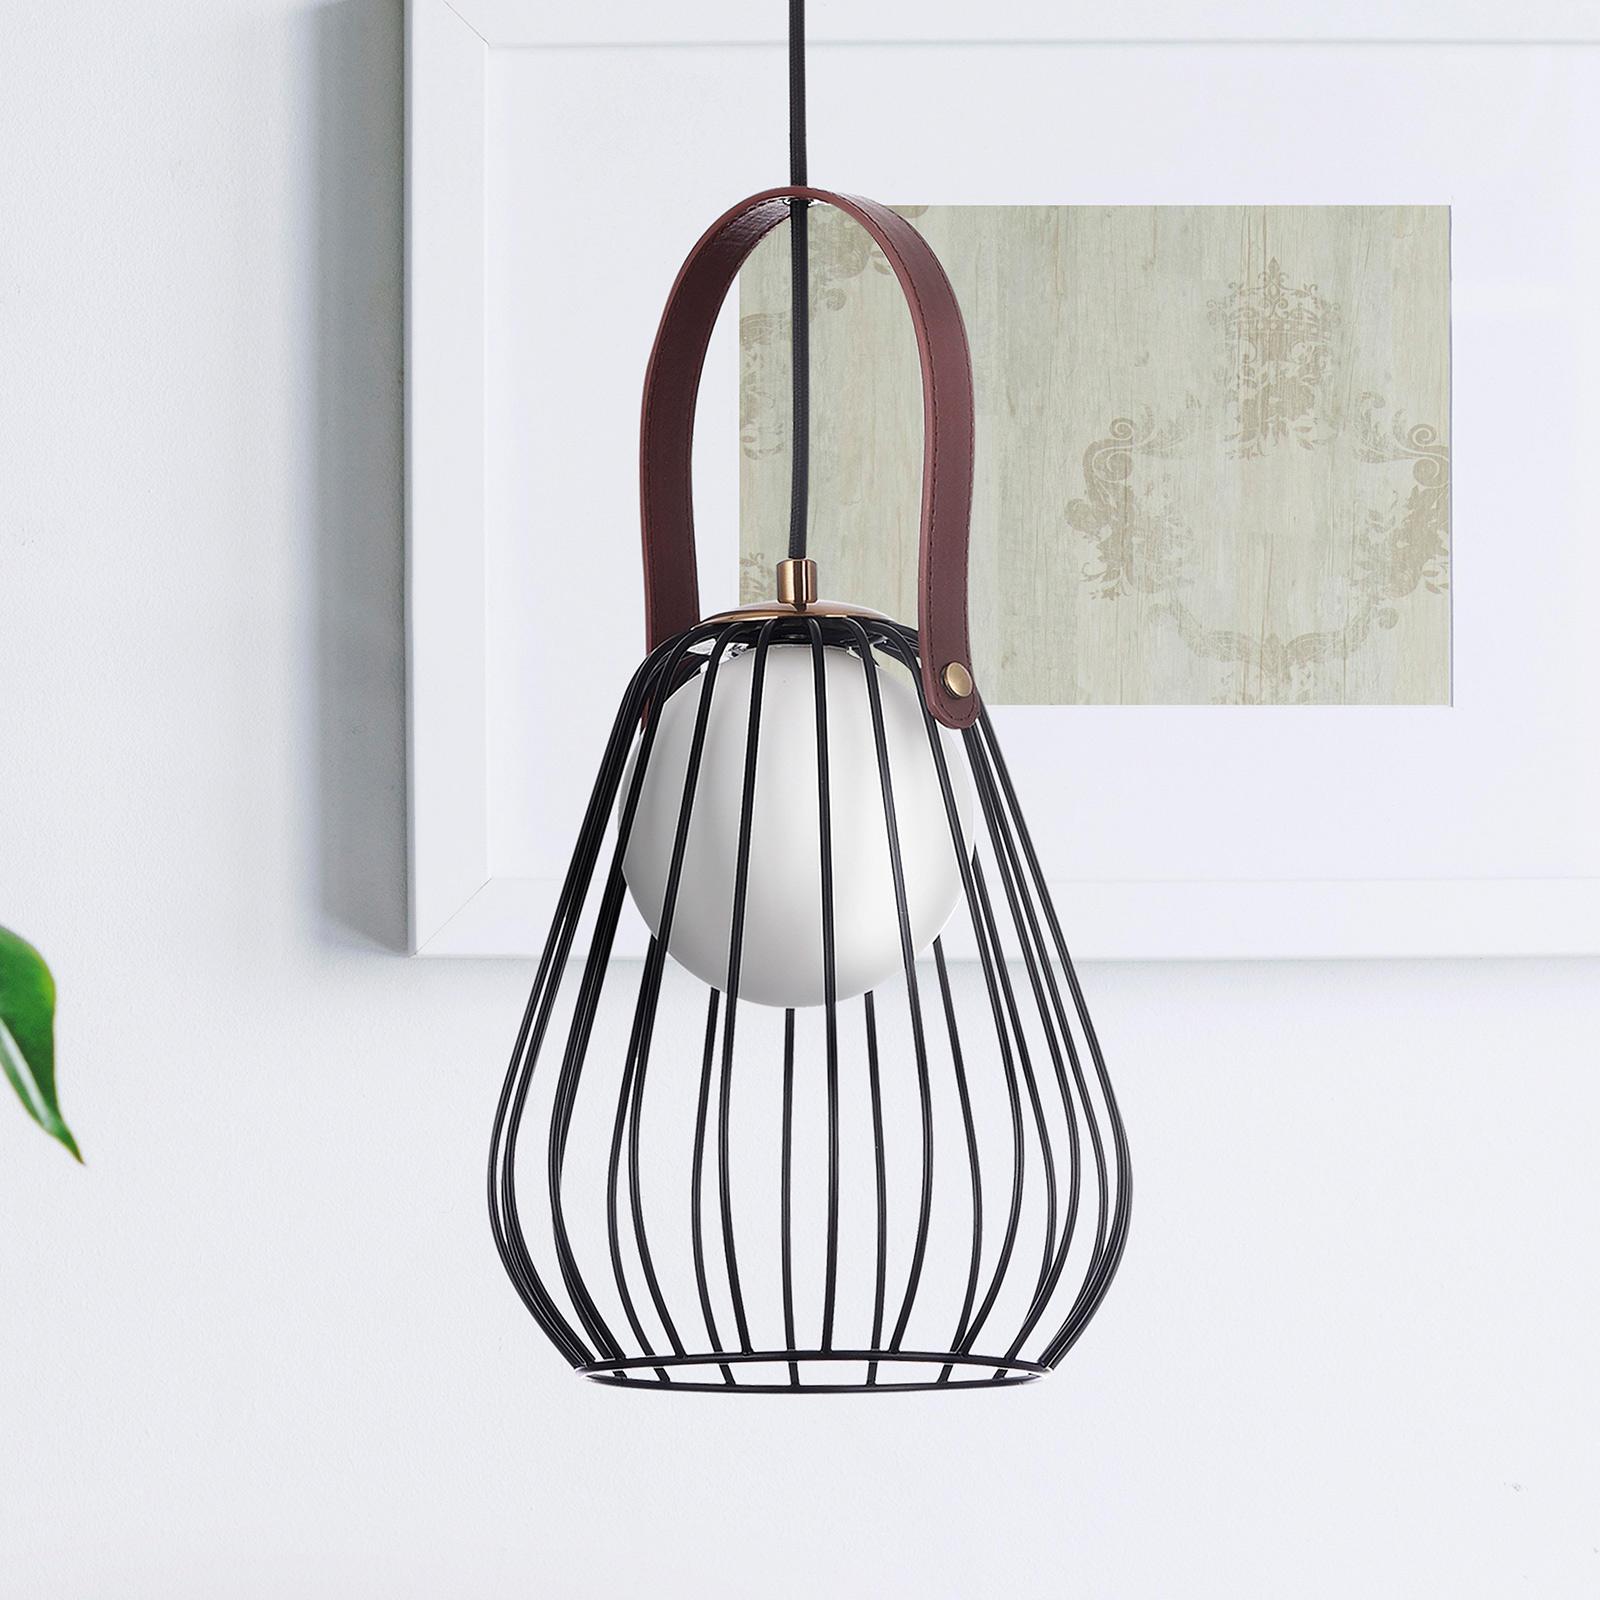 Hanglamp Indiana met kooikap zwart